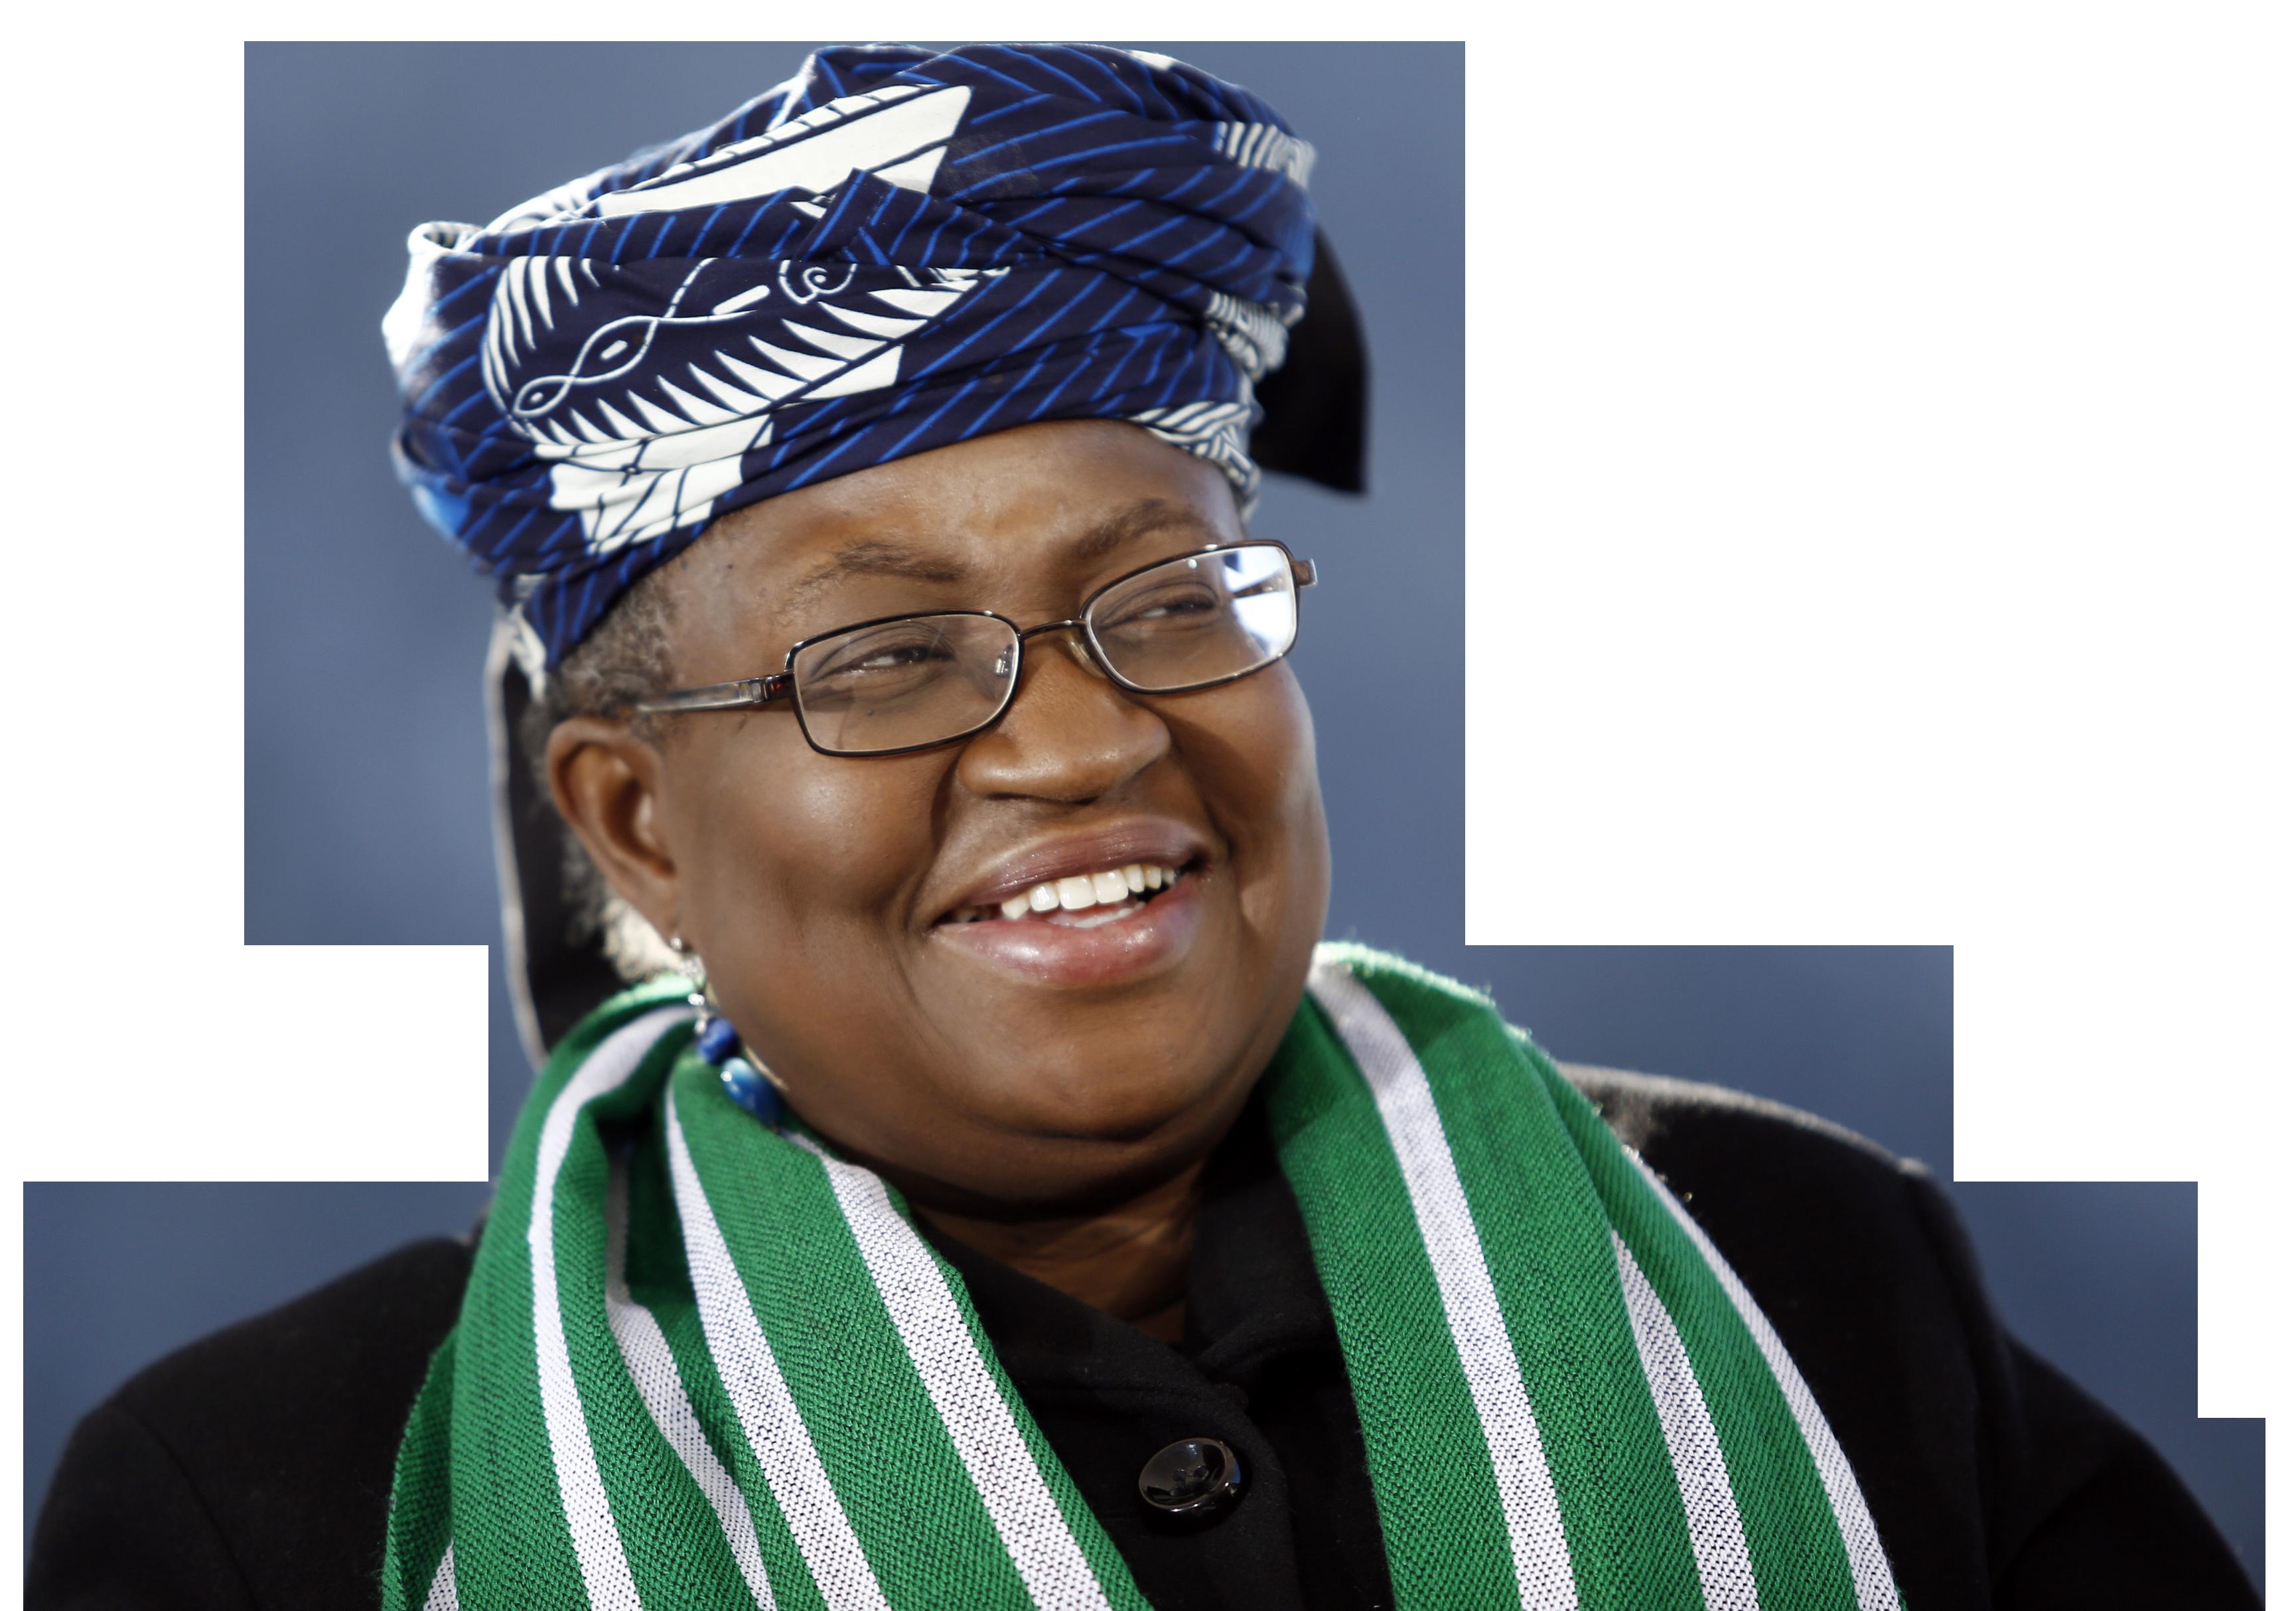 Ngozi - Okonjo Iweala